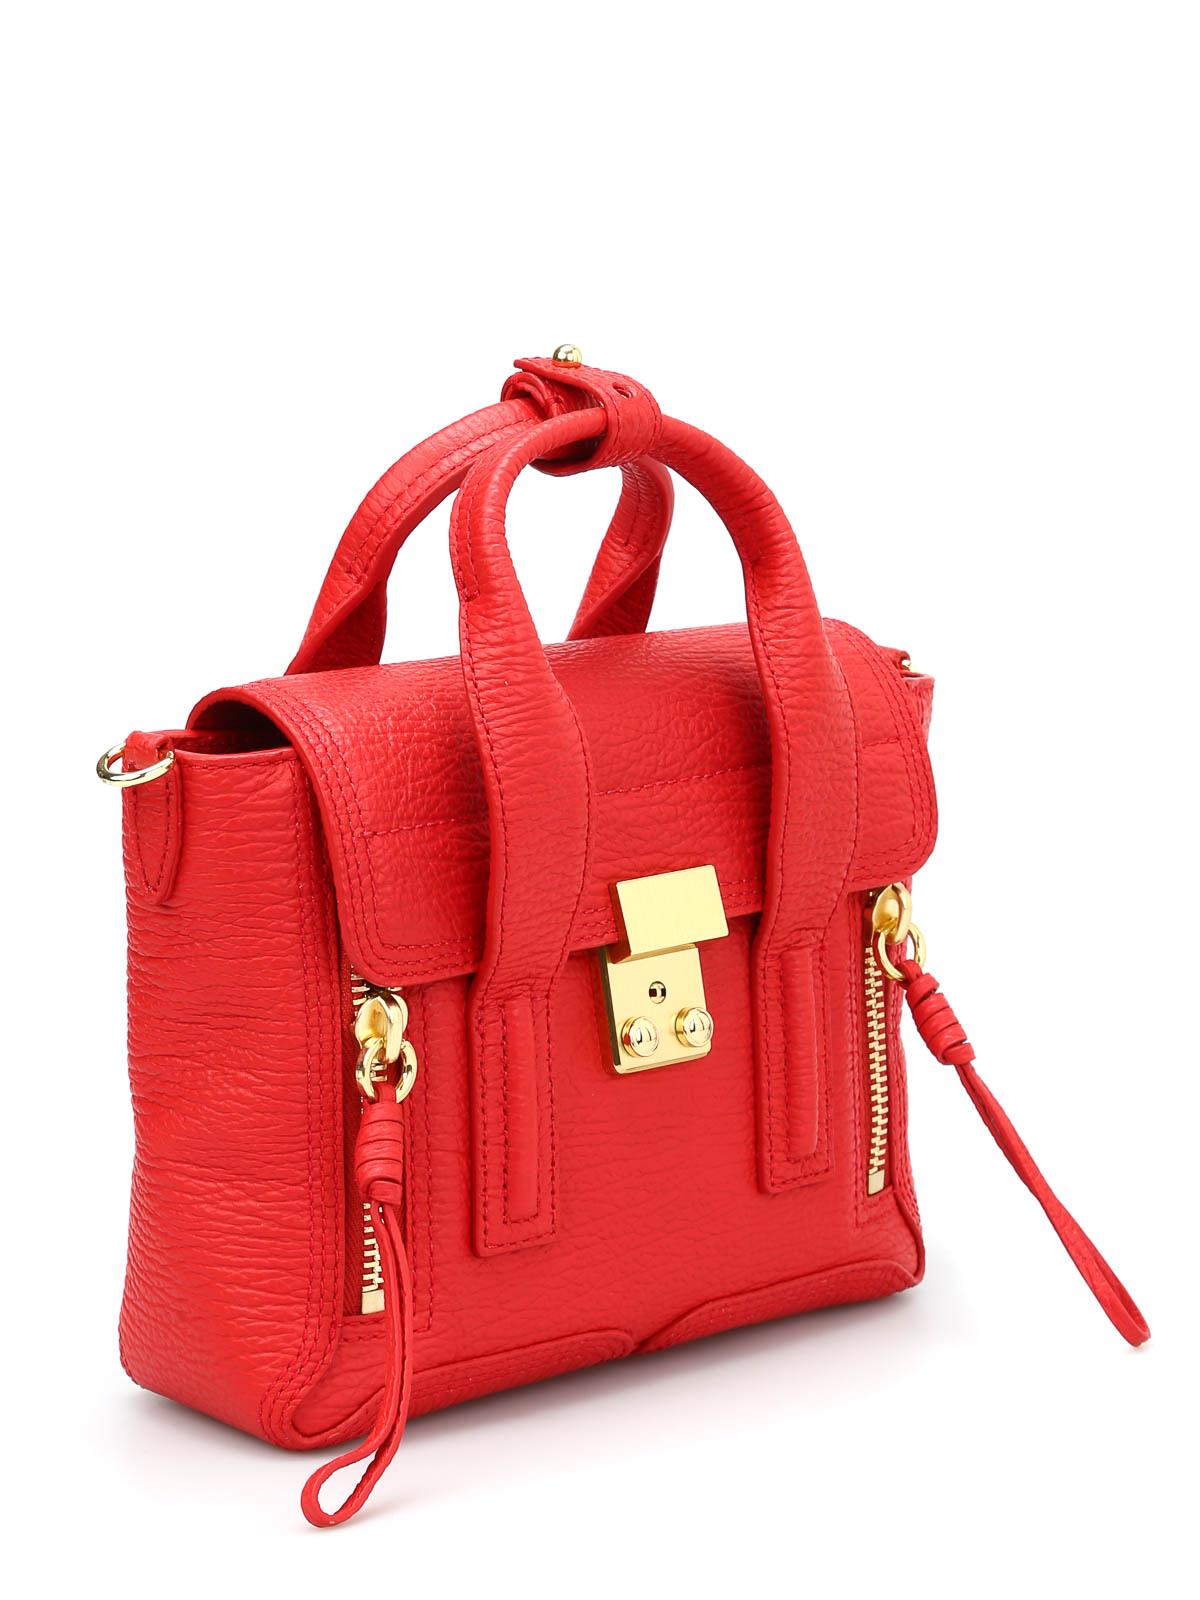 Cross bag online shopping